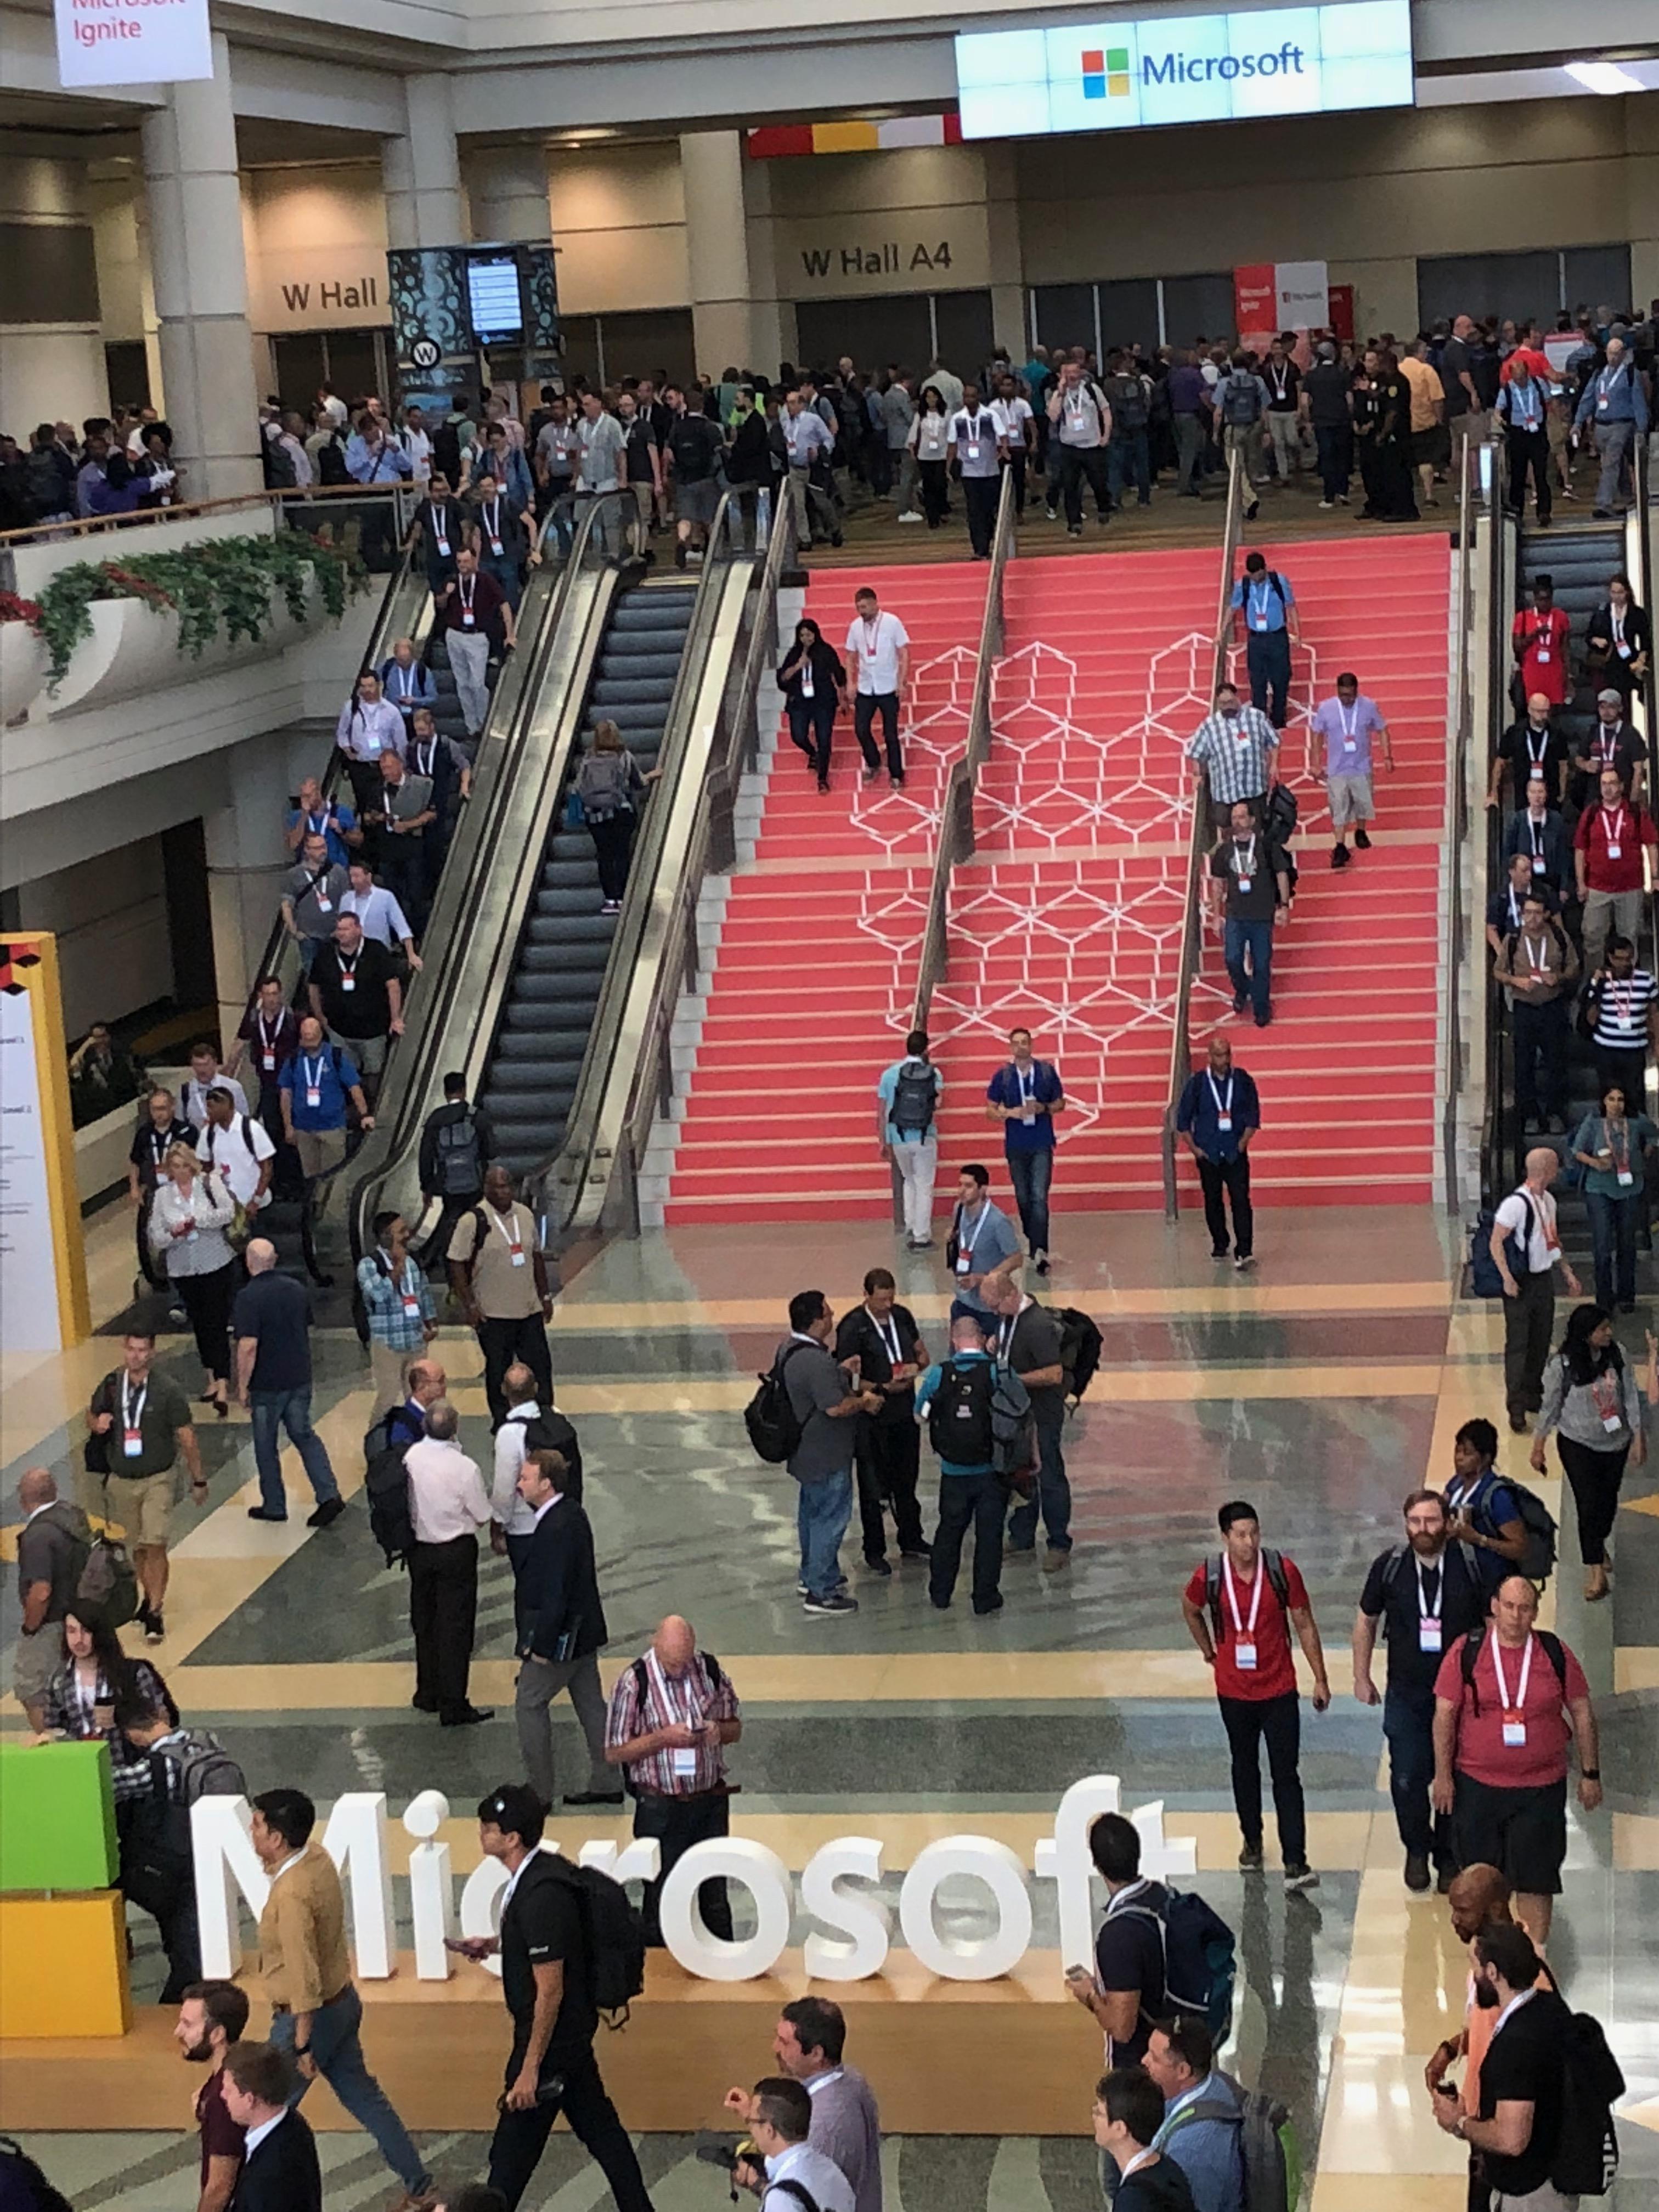 Kleine Zusammenfassung über die Konferenz Microsoft Ignite in Orlando